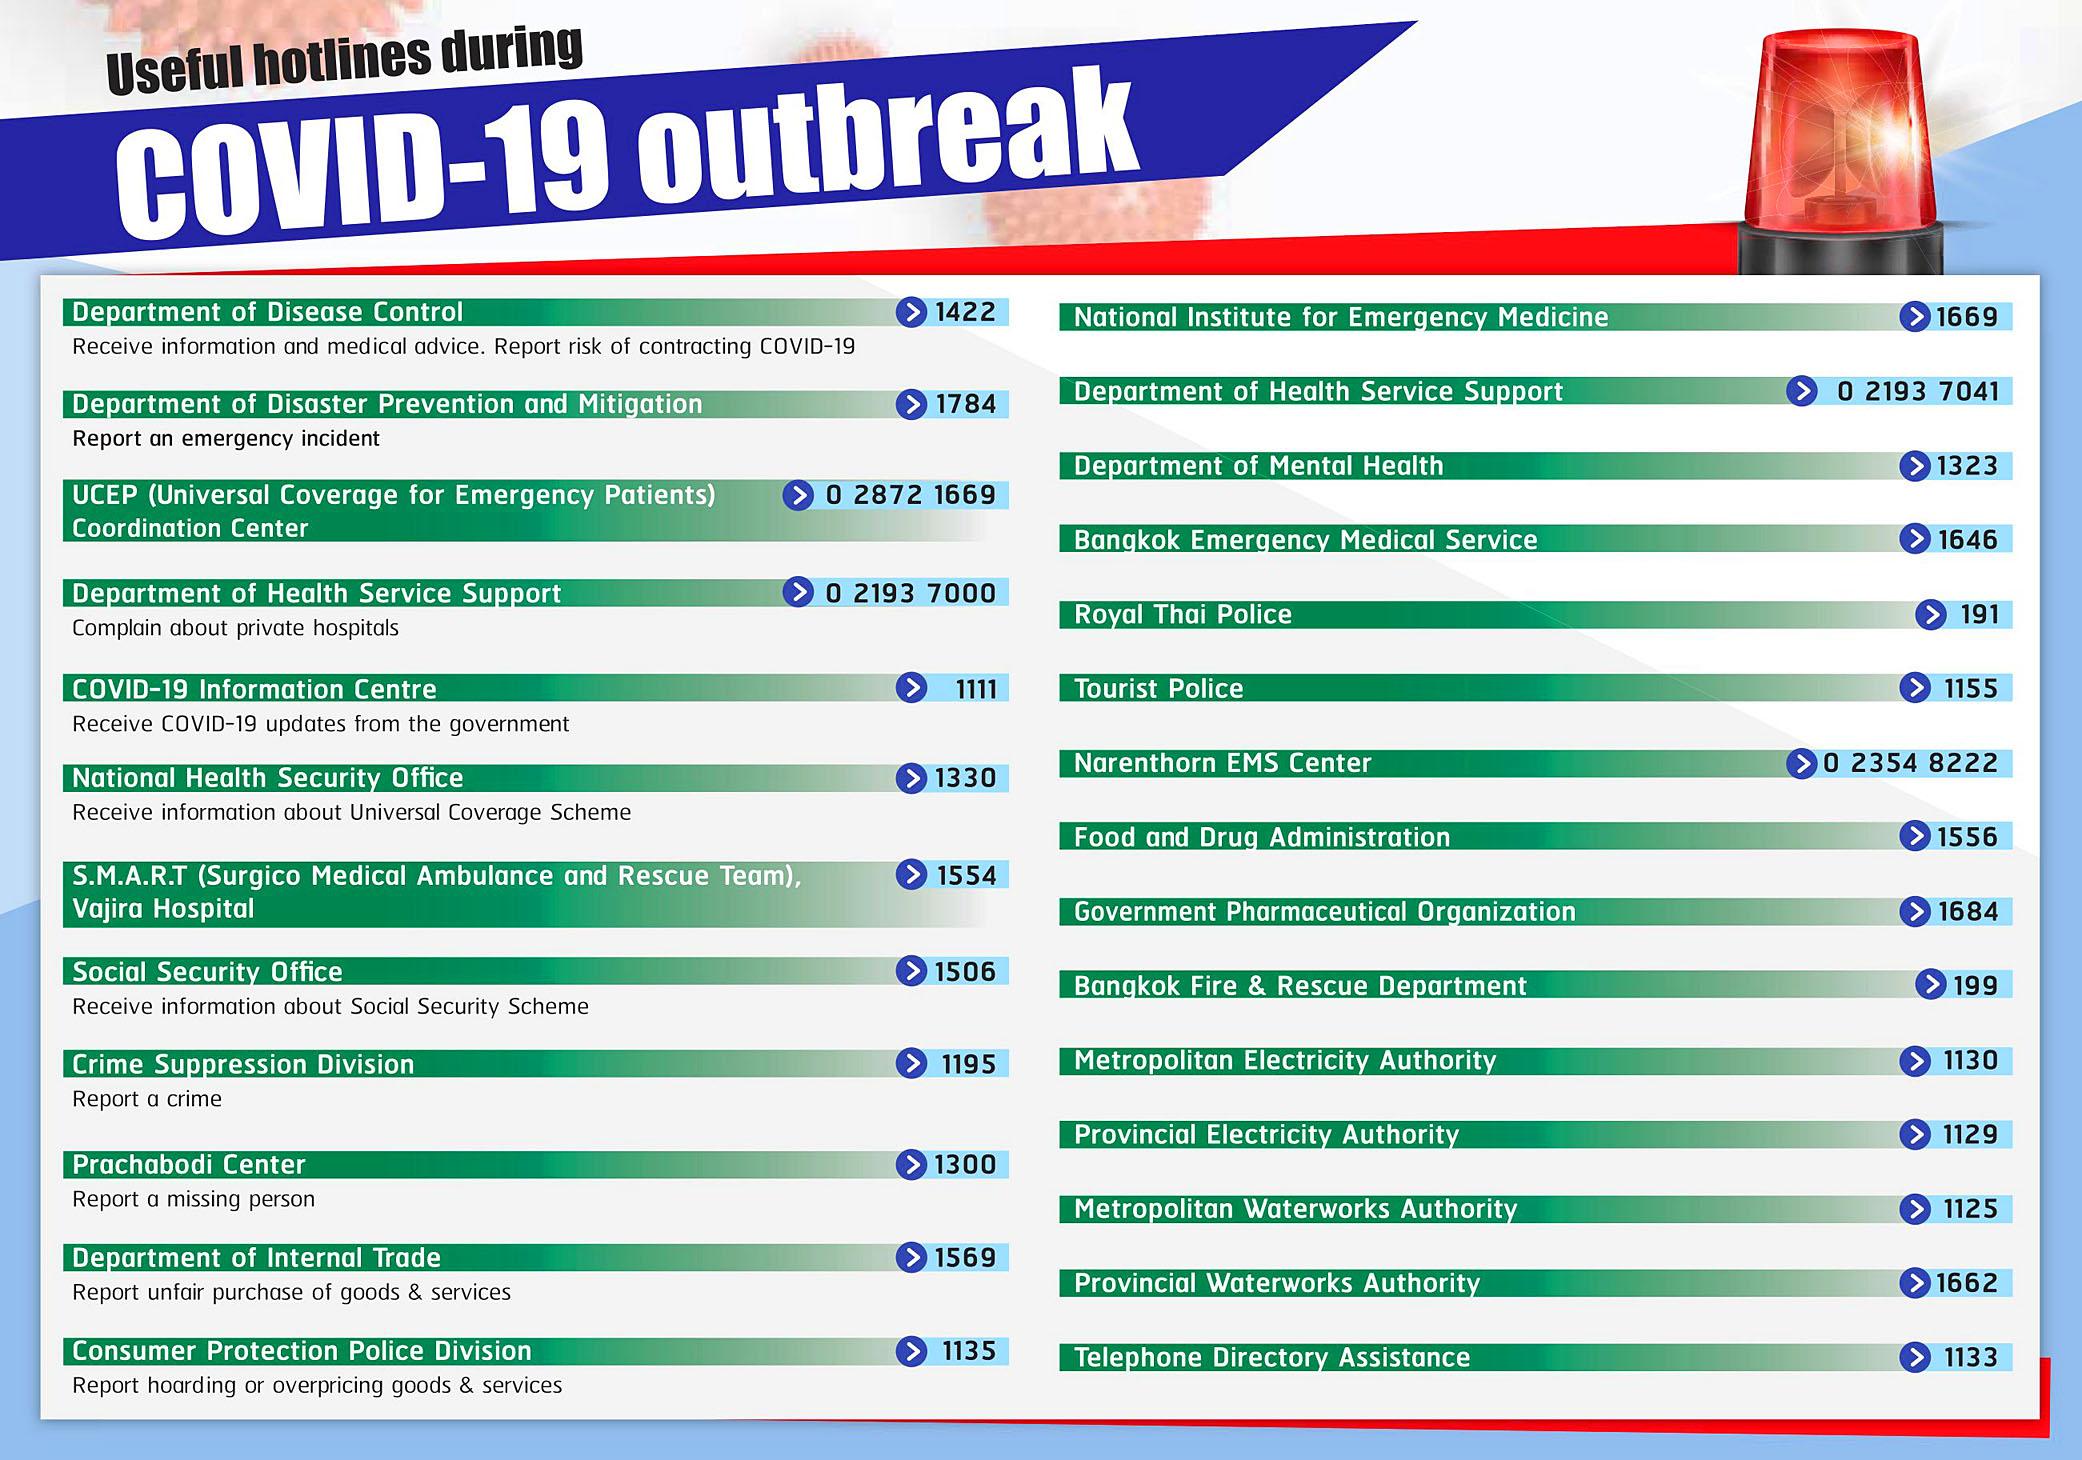 Bangkok Post 200410 Useful Phones.jpg